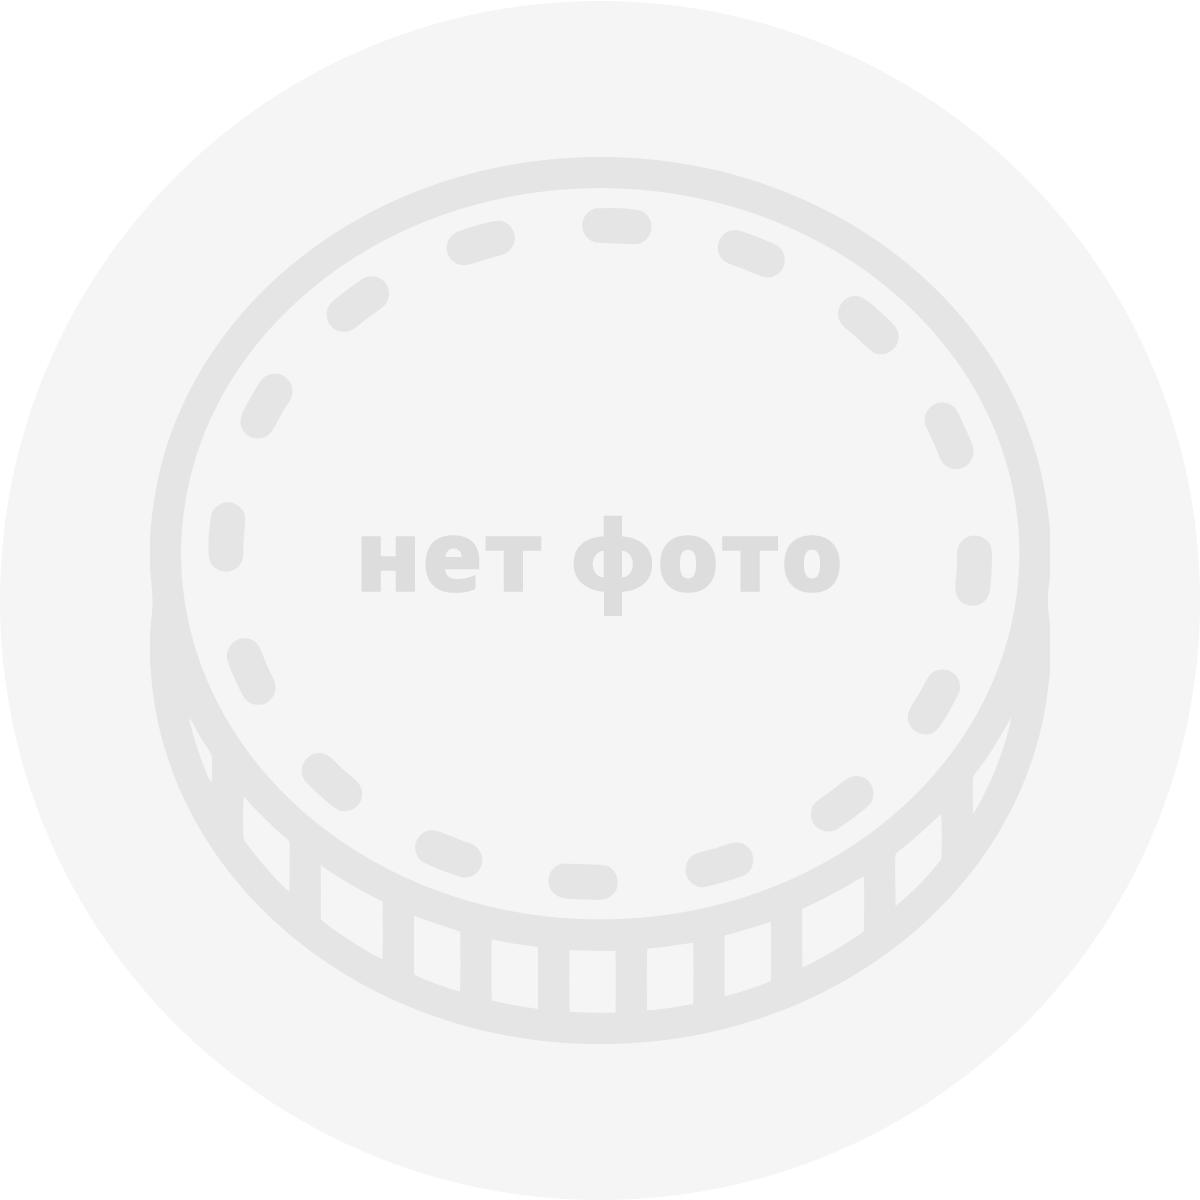 Нацбанк Киргизии выпустил коллекционную серебряную монету «Дрофа»